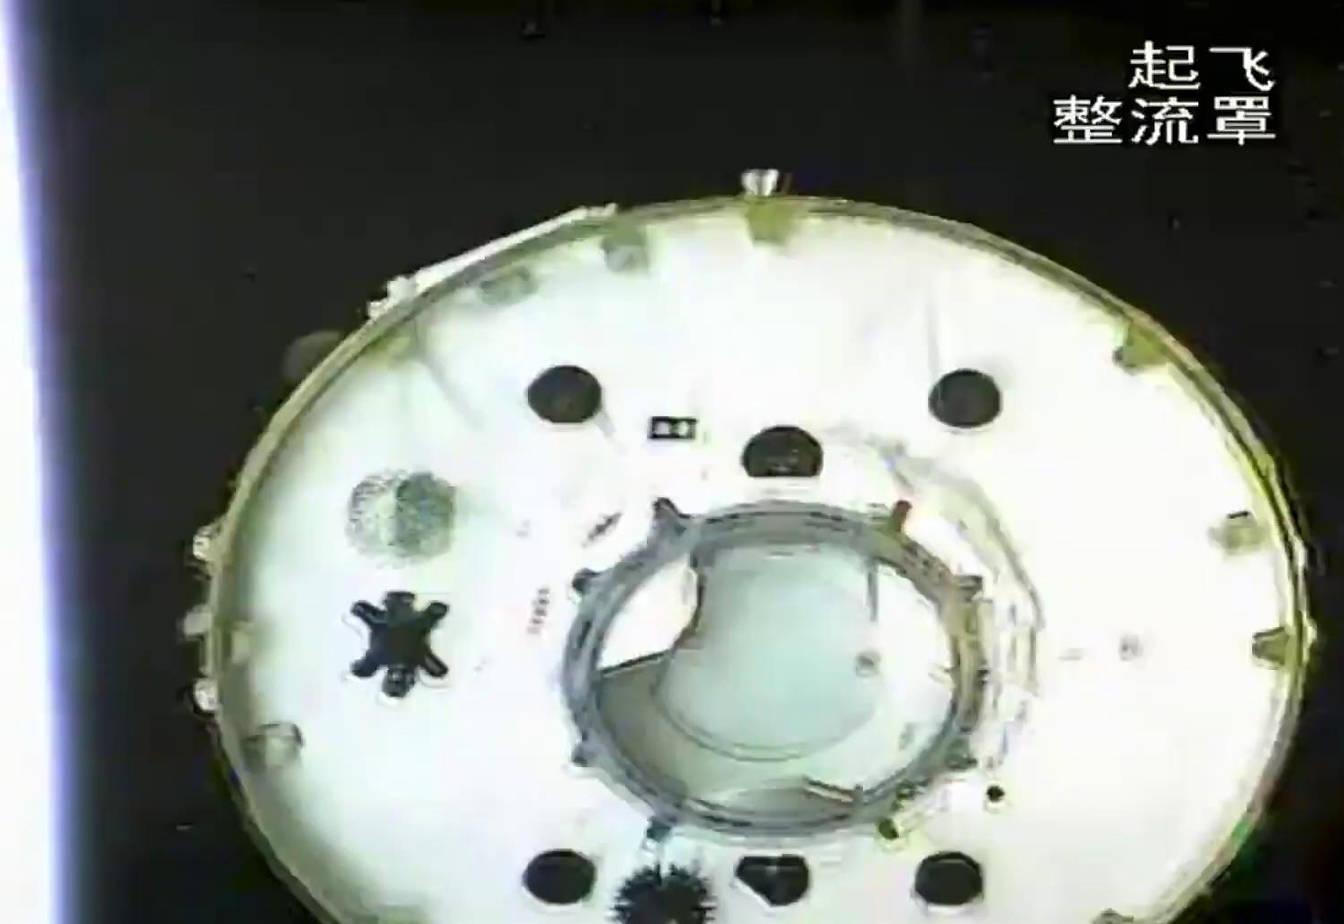 太阳集团娱乐网址:天和核心舱有几台发动机?两位数规模,电推动力拿下一个人类首次